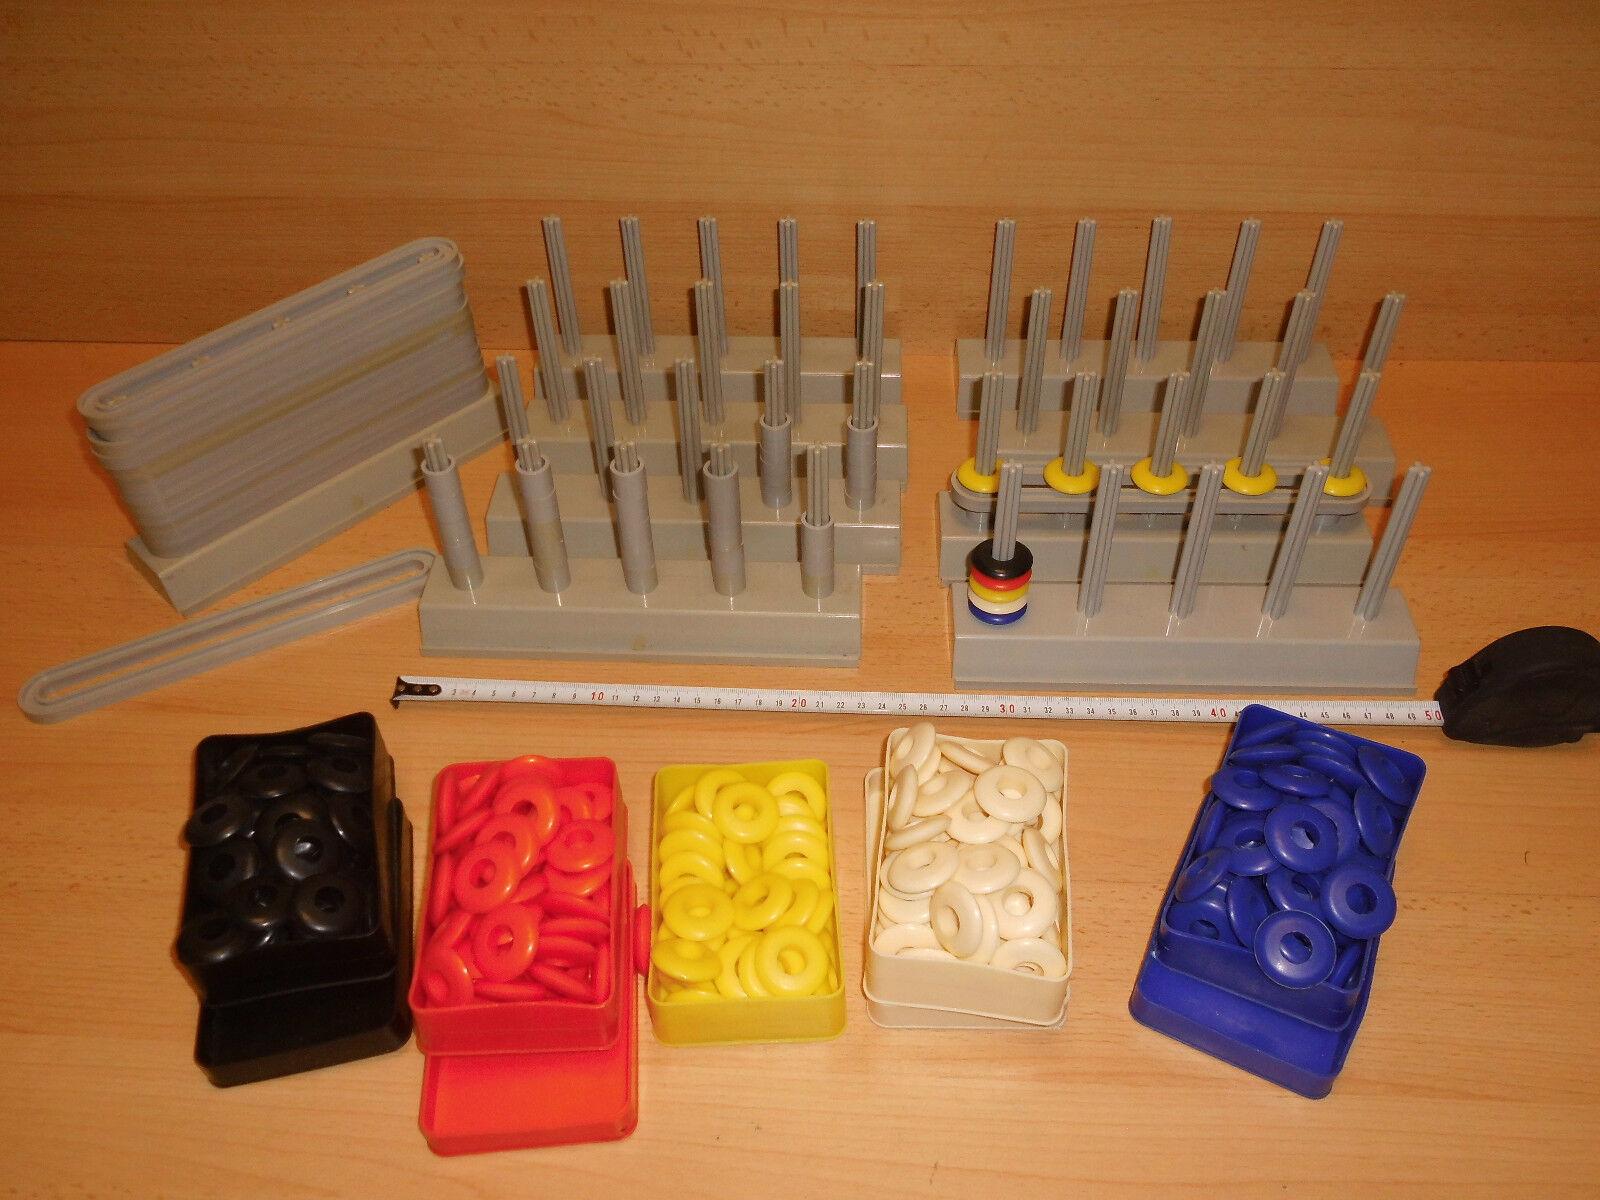 10 x Aufbauständer Rechenhilfen Lernhilfen f Kinder aus PVC ASCO Made in Franc